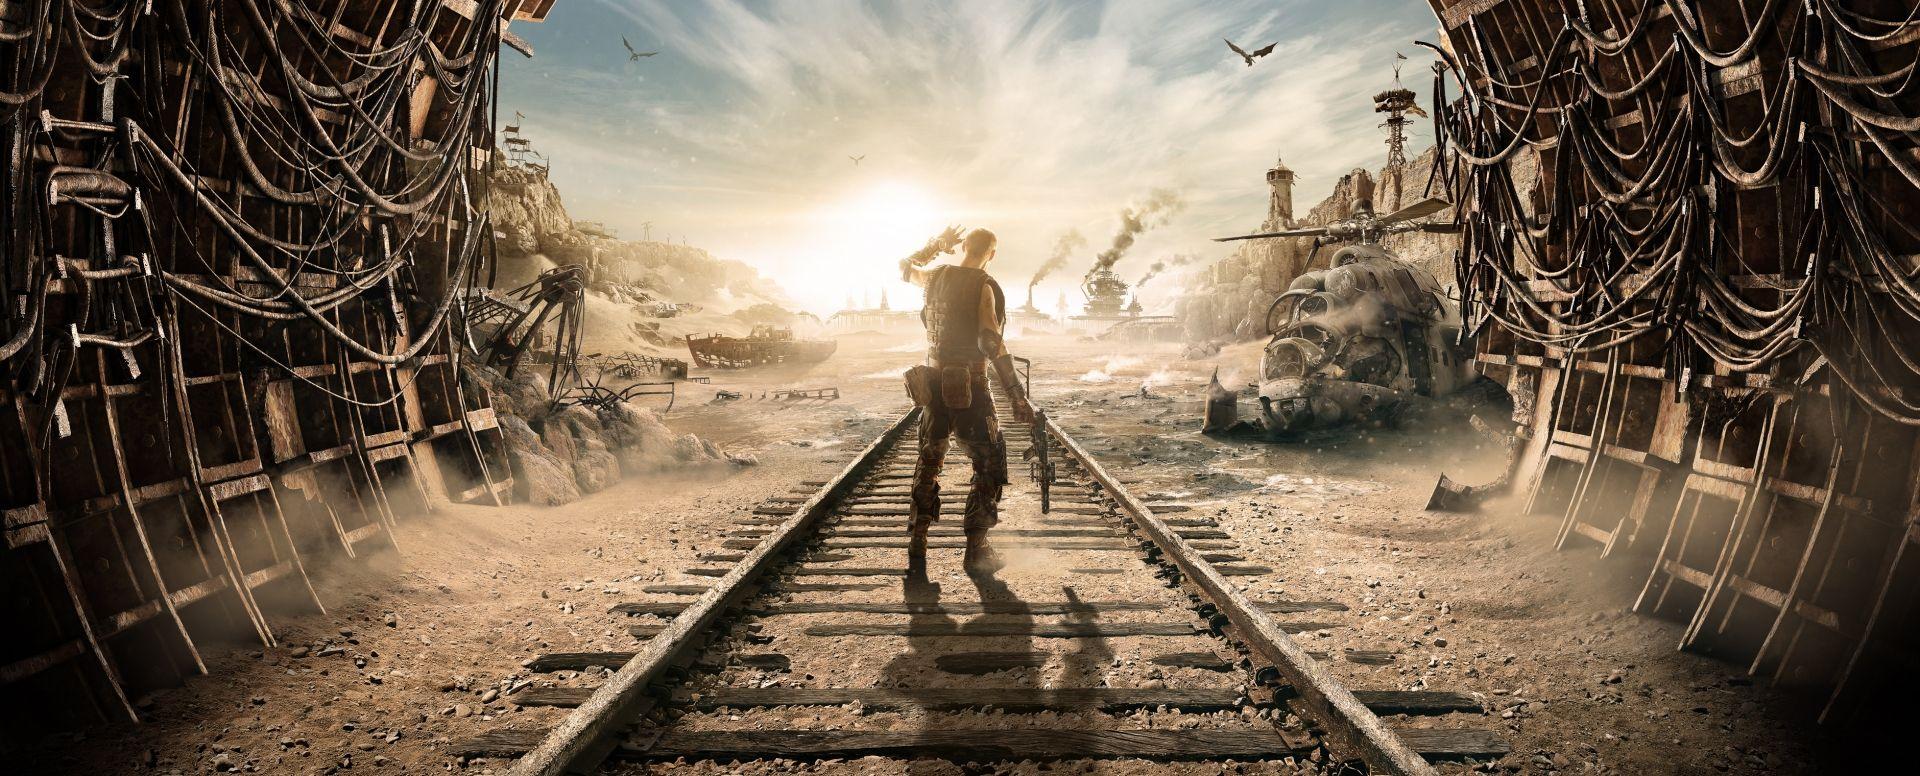 Что купить Metro: Exodus или Far Cry New Dawn? Точно не Crackdown 3!. - Изображение 1